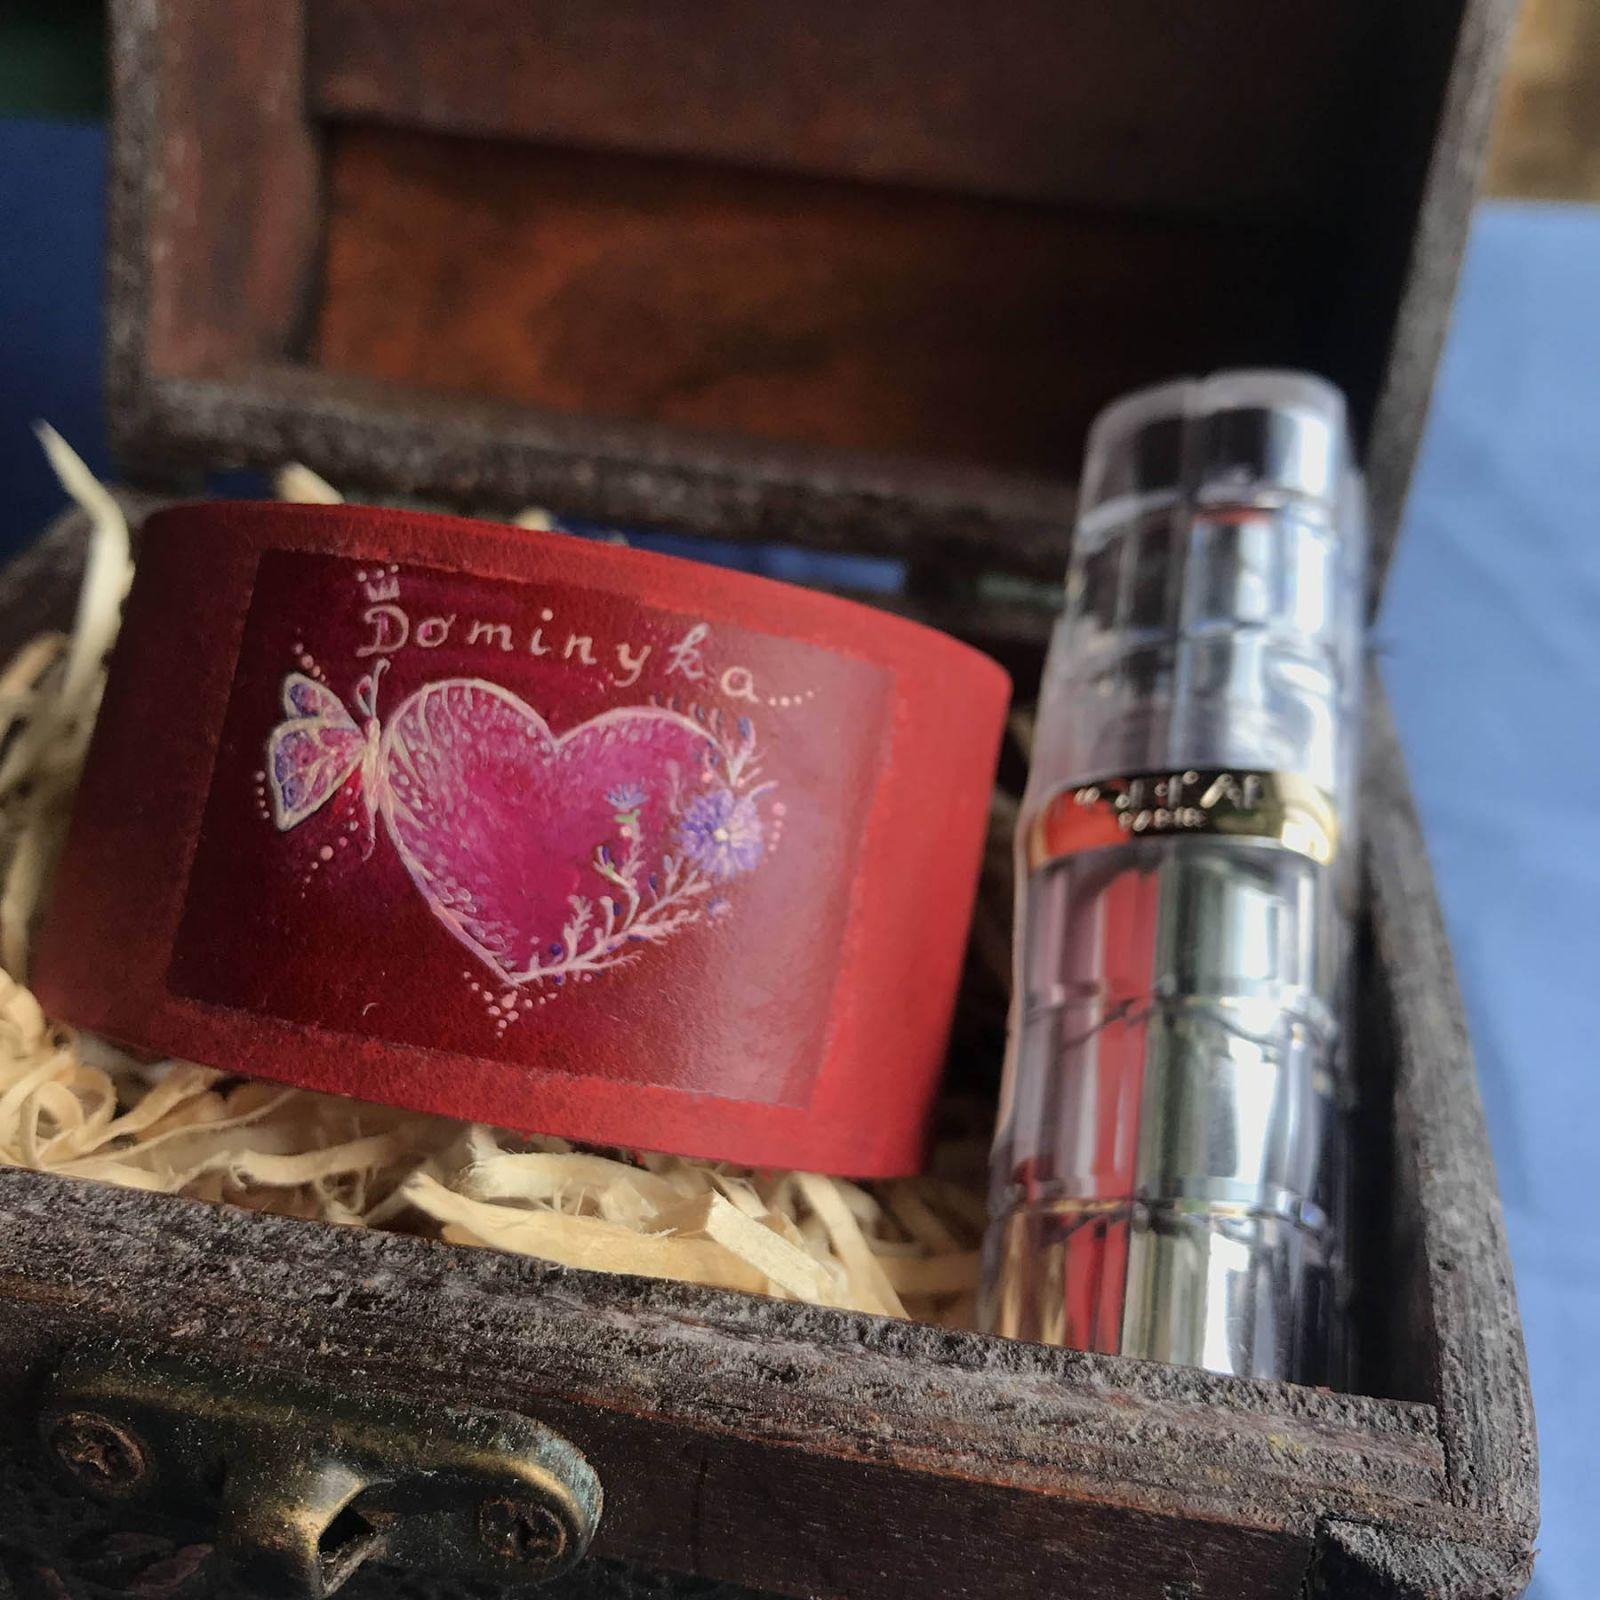 odine apyranke su piesiniu medineje skryneleje unikalios gimtadienio dovanos moterims dovana sukaktuviu merginai panelei isskirtines valentino proga 21